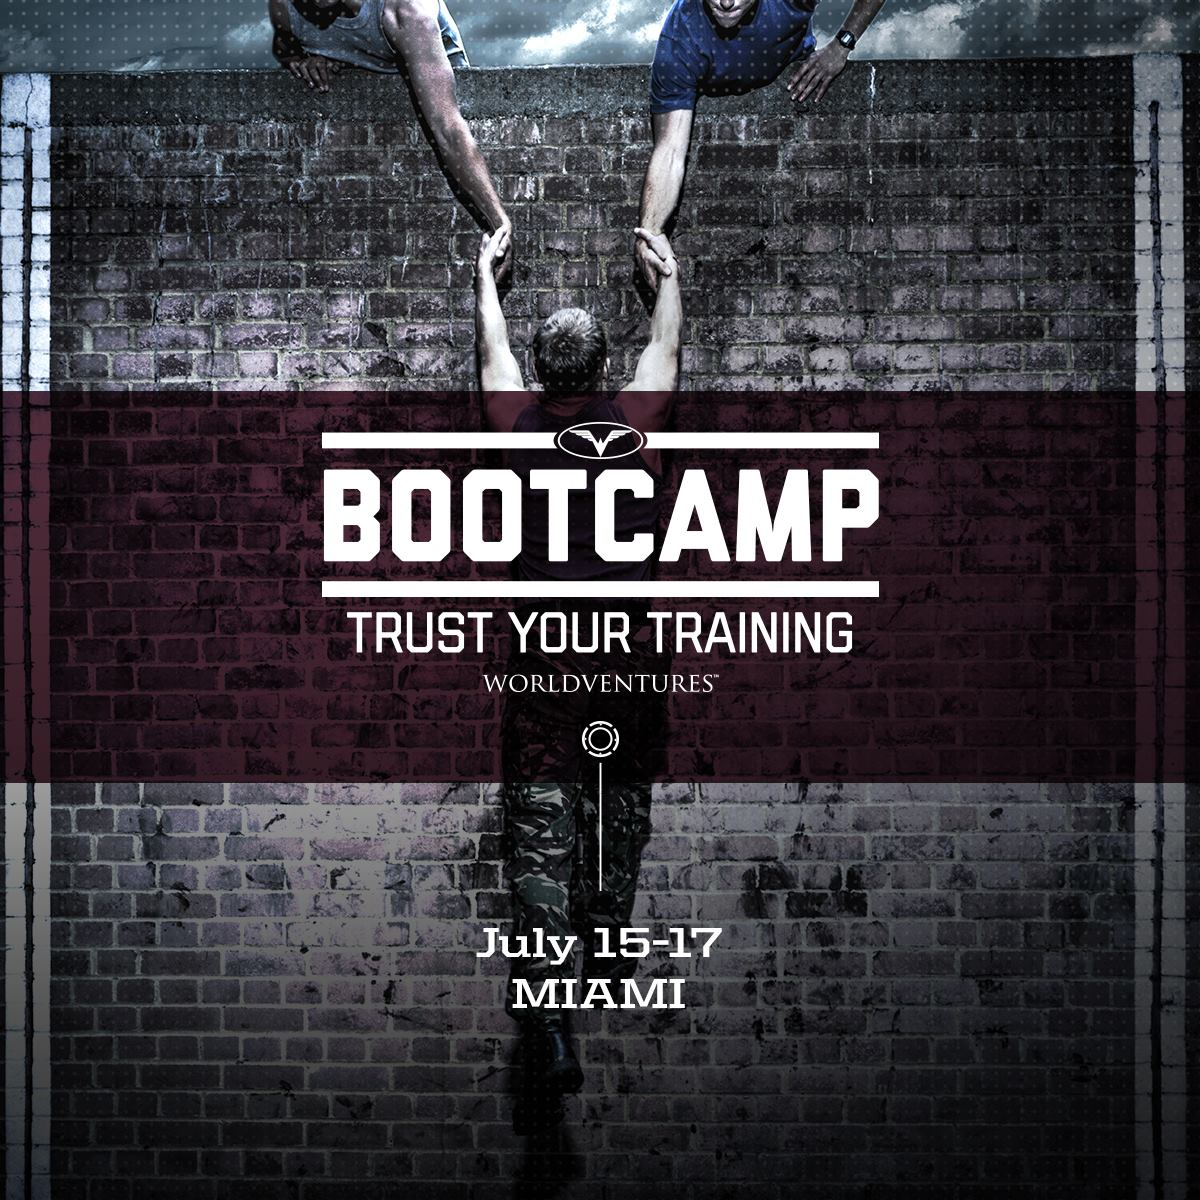 Trust Your Training